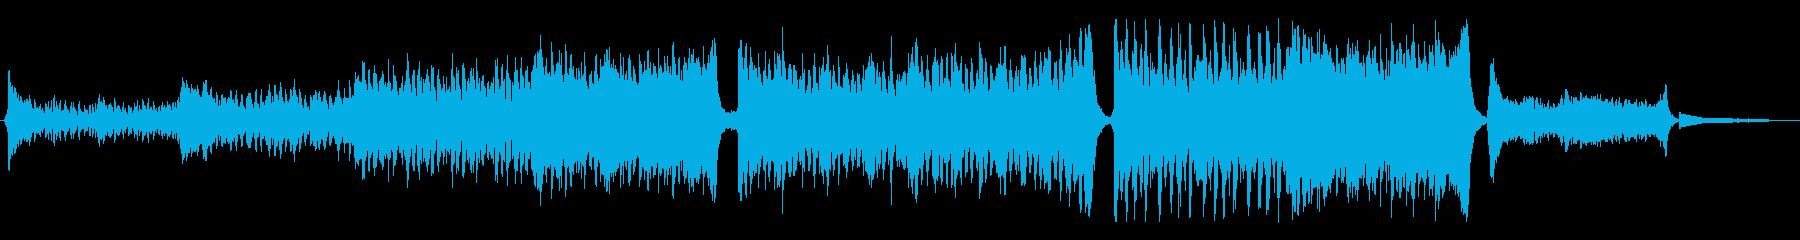 迫力、勢いのあるエピックオーケストラ曲の再生済みの波形